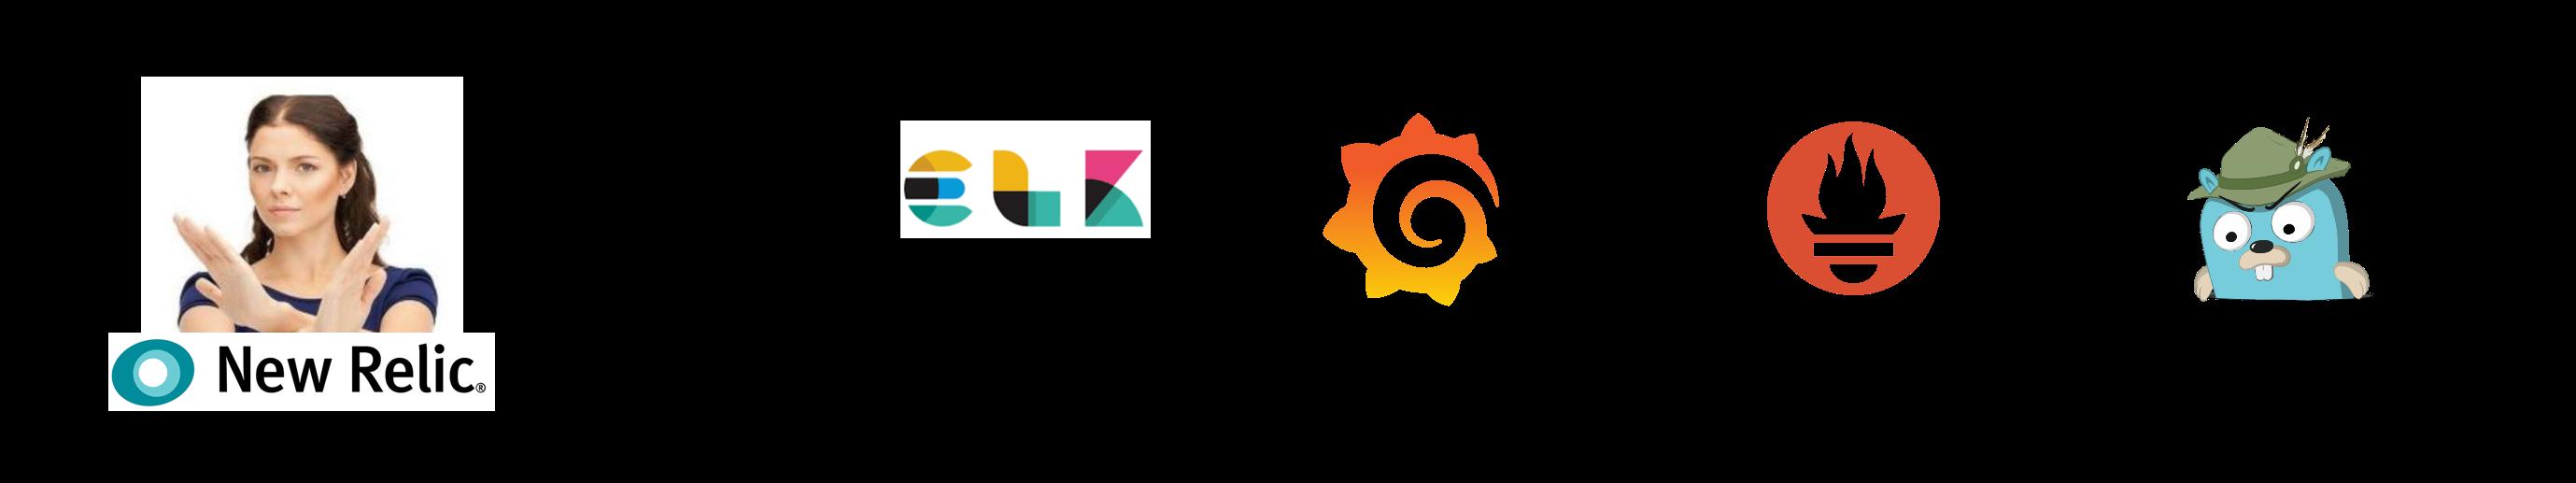 Jaeger Opentracing и Microservices в реальном проекте на PHP и Golang - 2